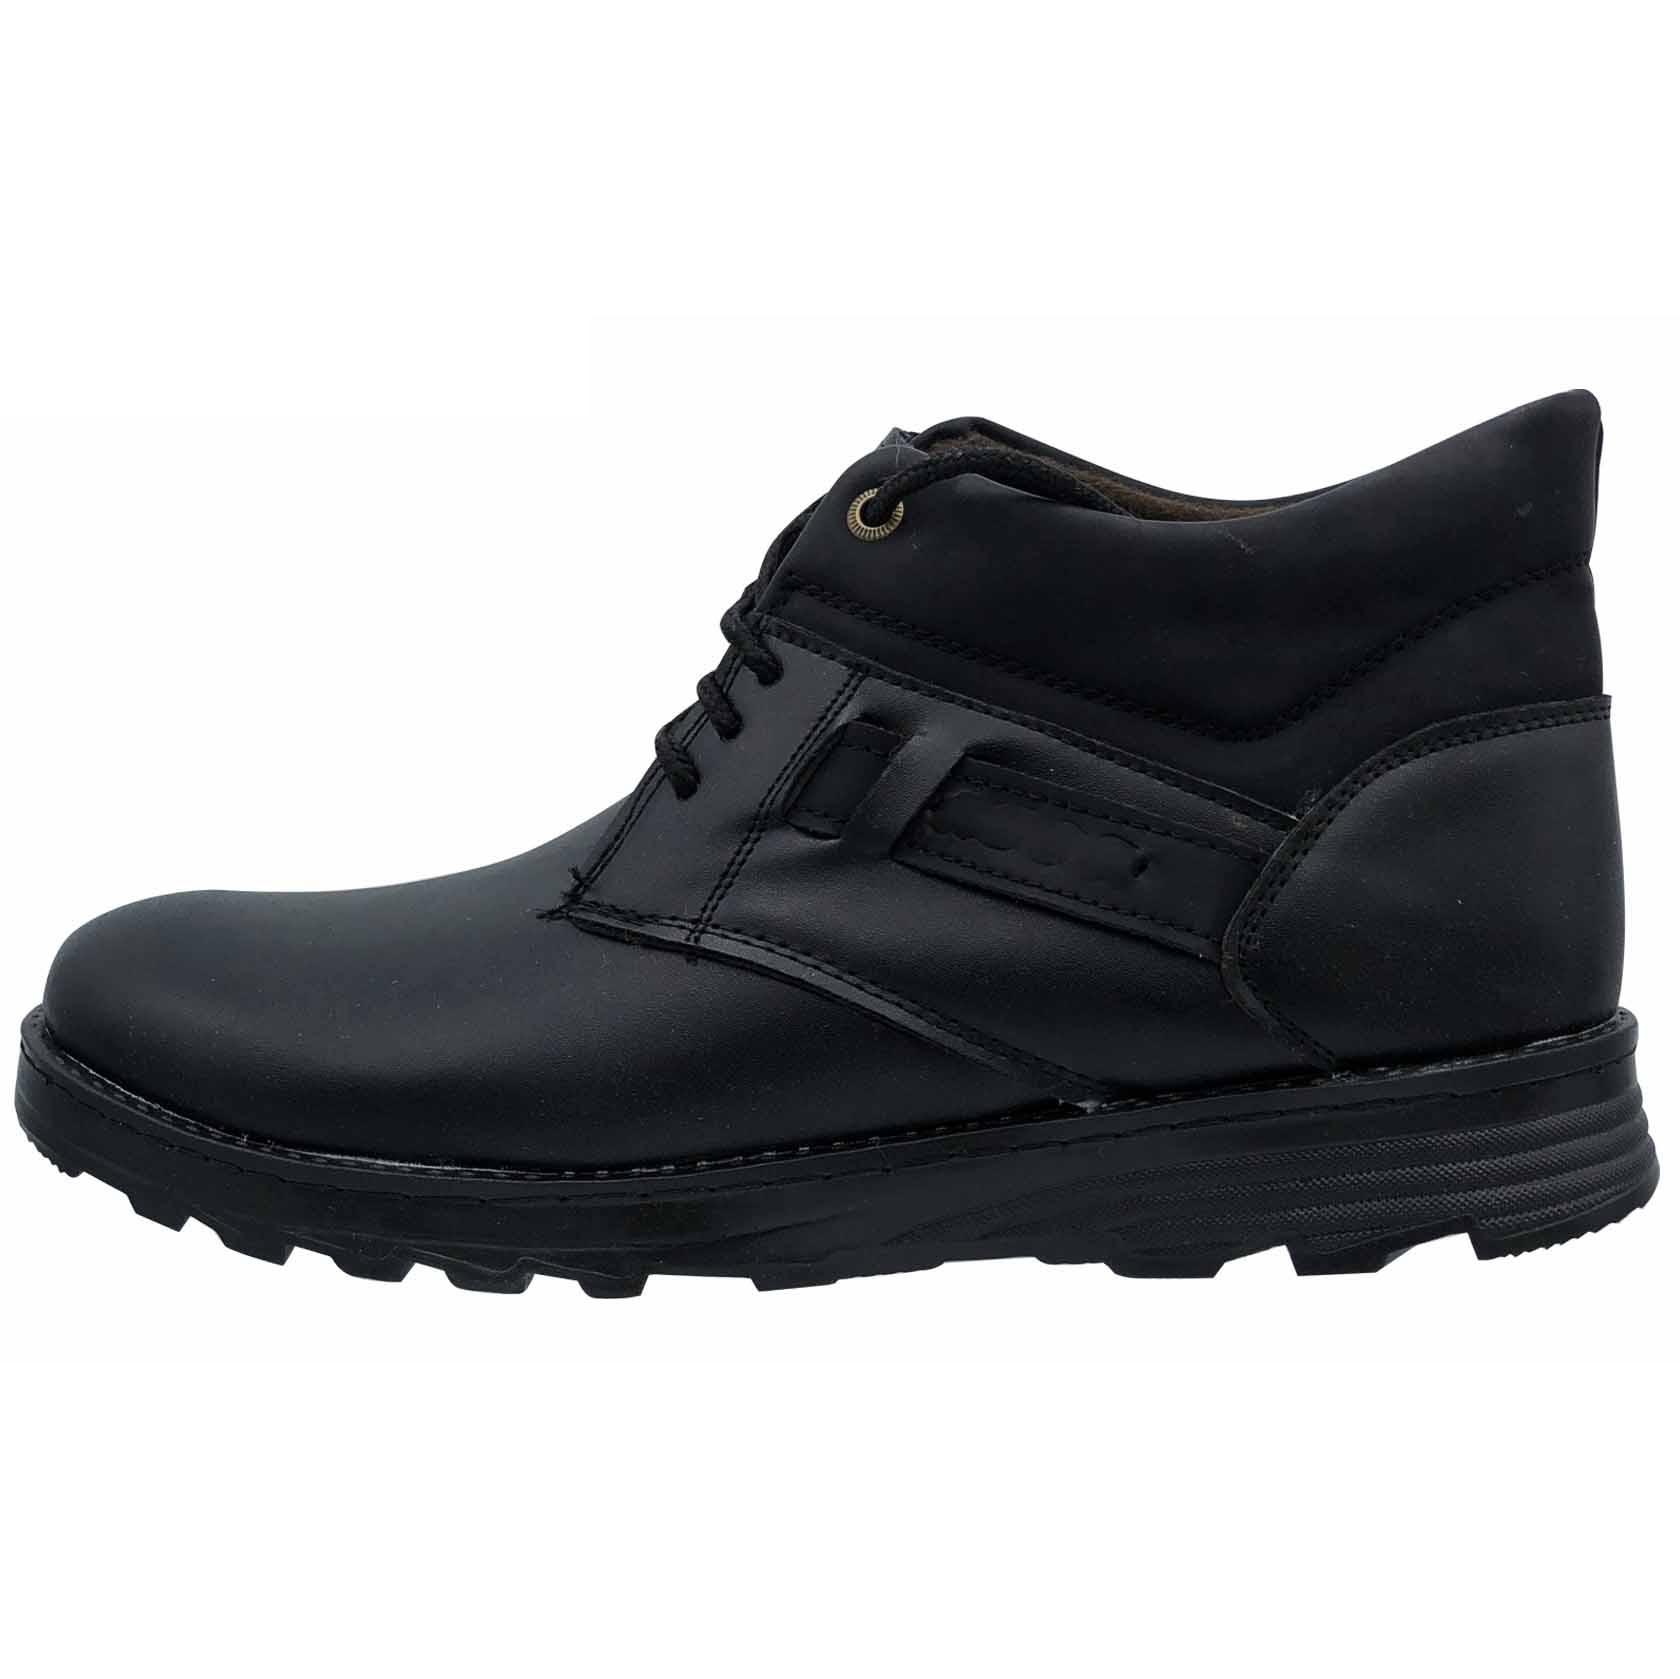 کفش روزمره مردانه کد 9823